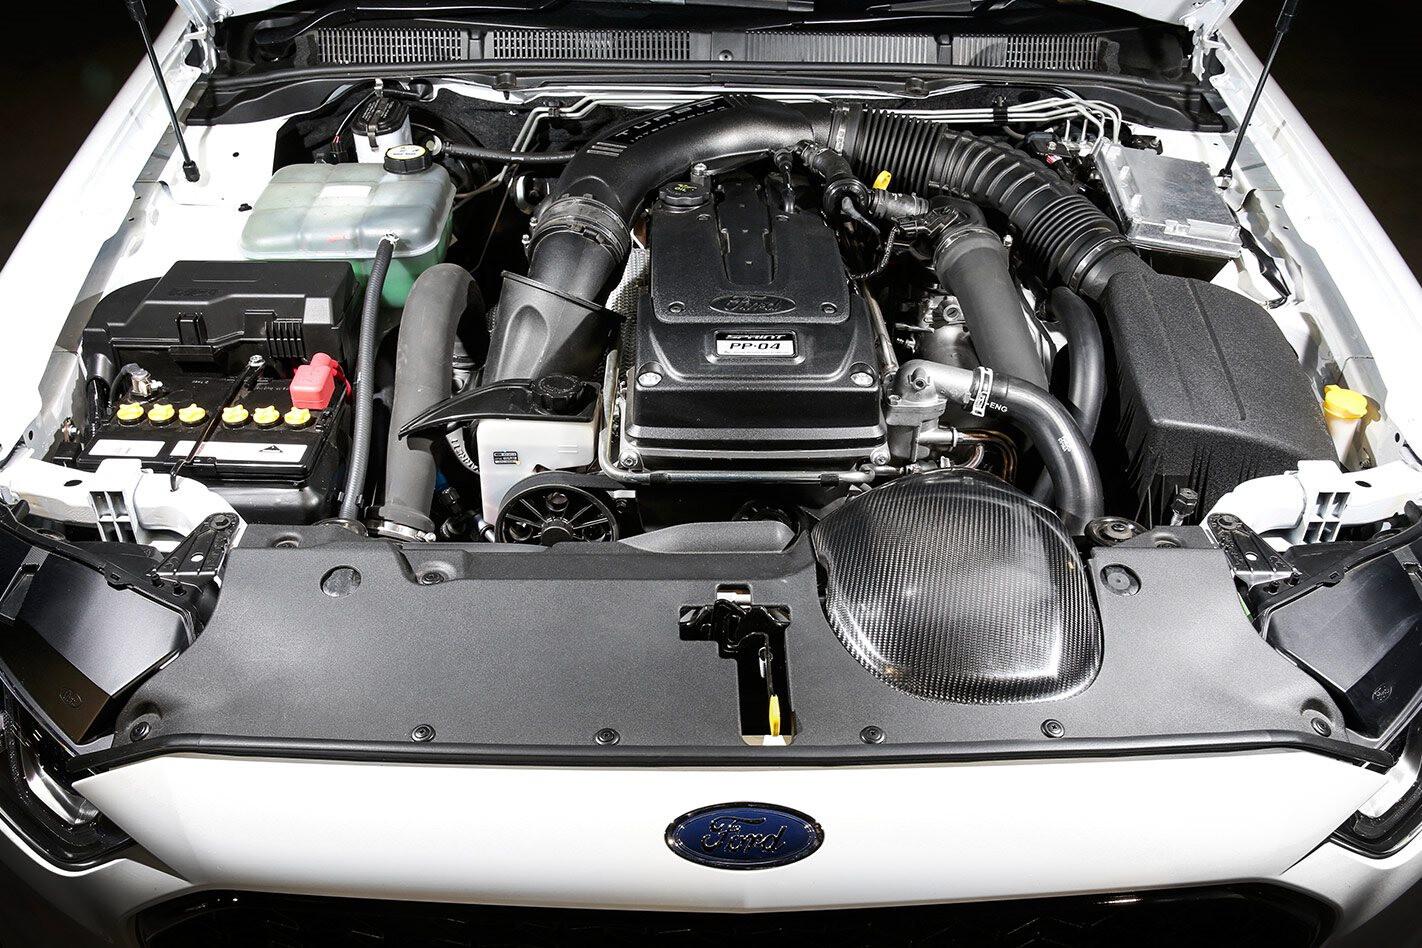 Ford Falcon XR6 Turbo engine bay